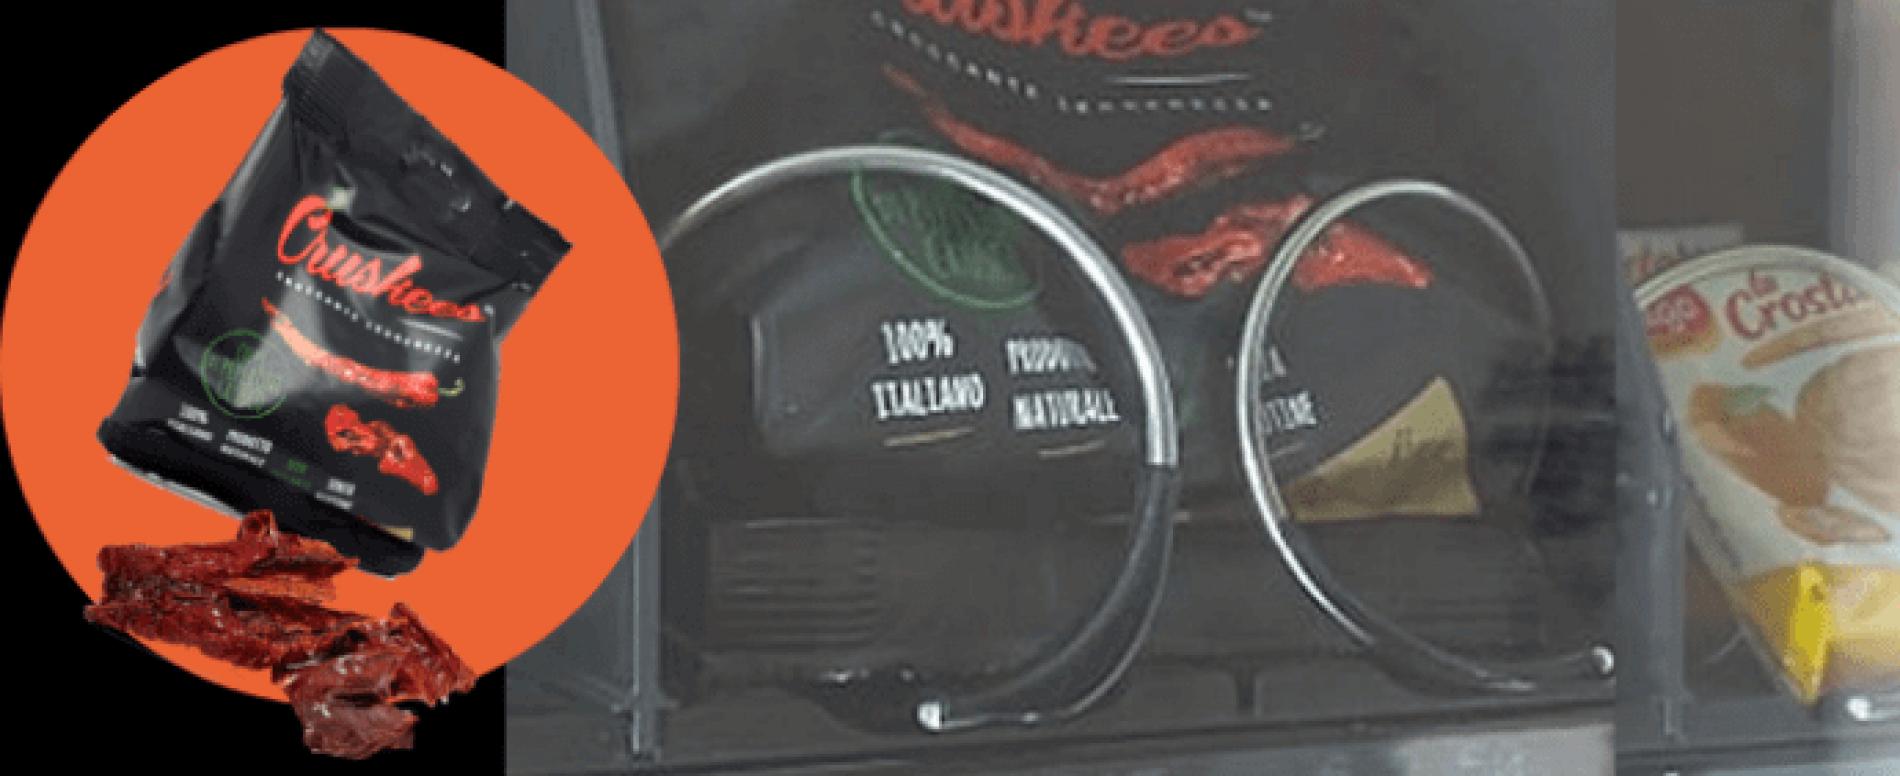 Cruskees. Il peperone dolce della Basilicata nelle vending machine